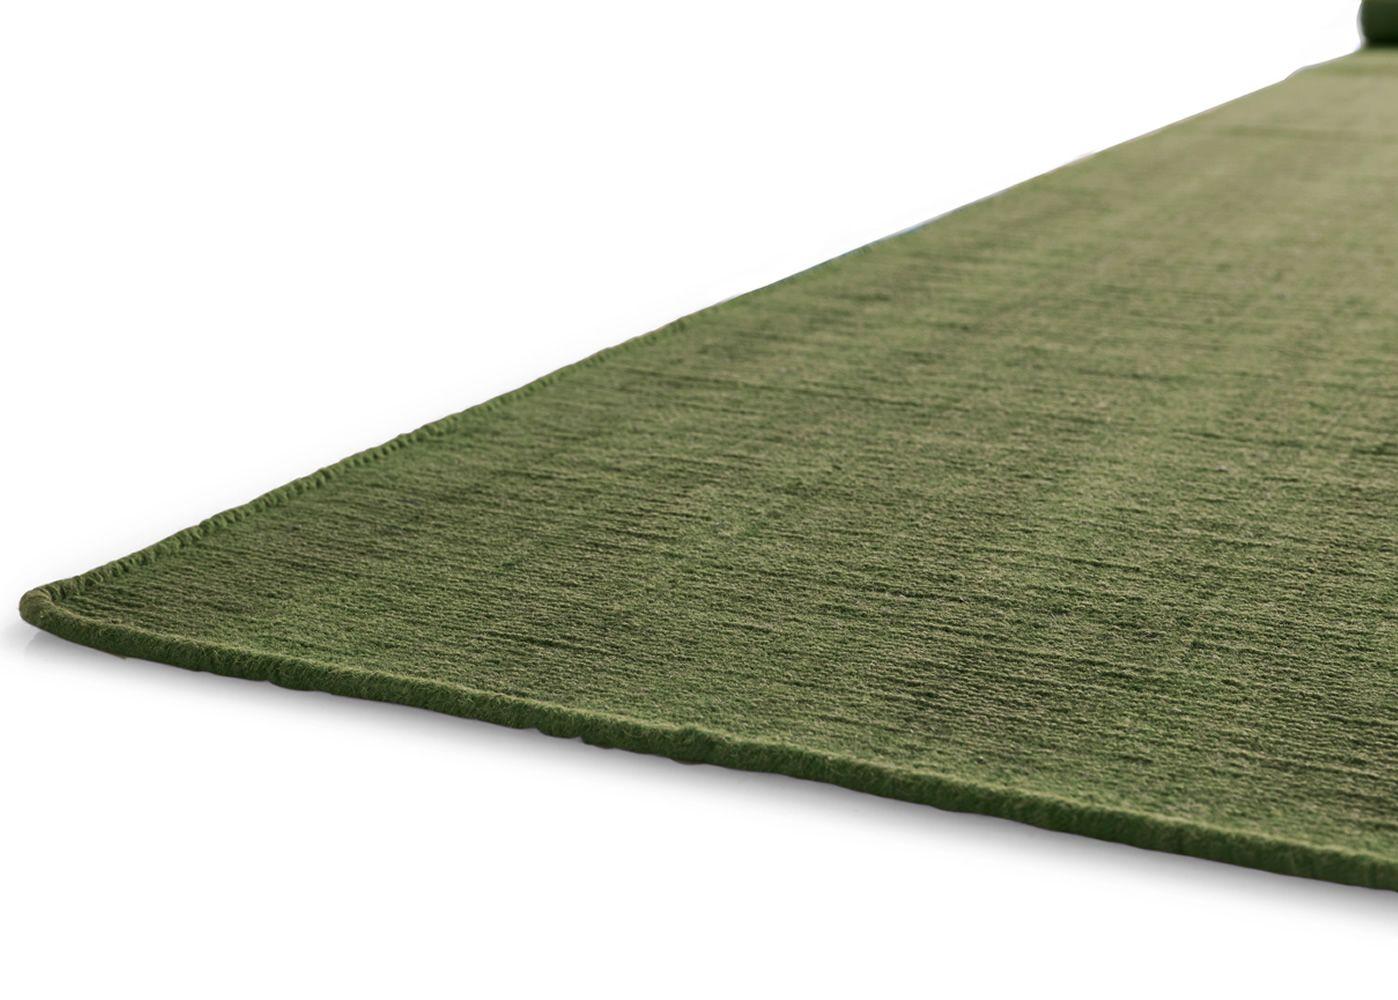 7144 very flat alfombra rectangular calligaris de lana for Alfombra verde para jardin